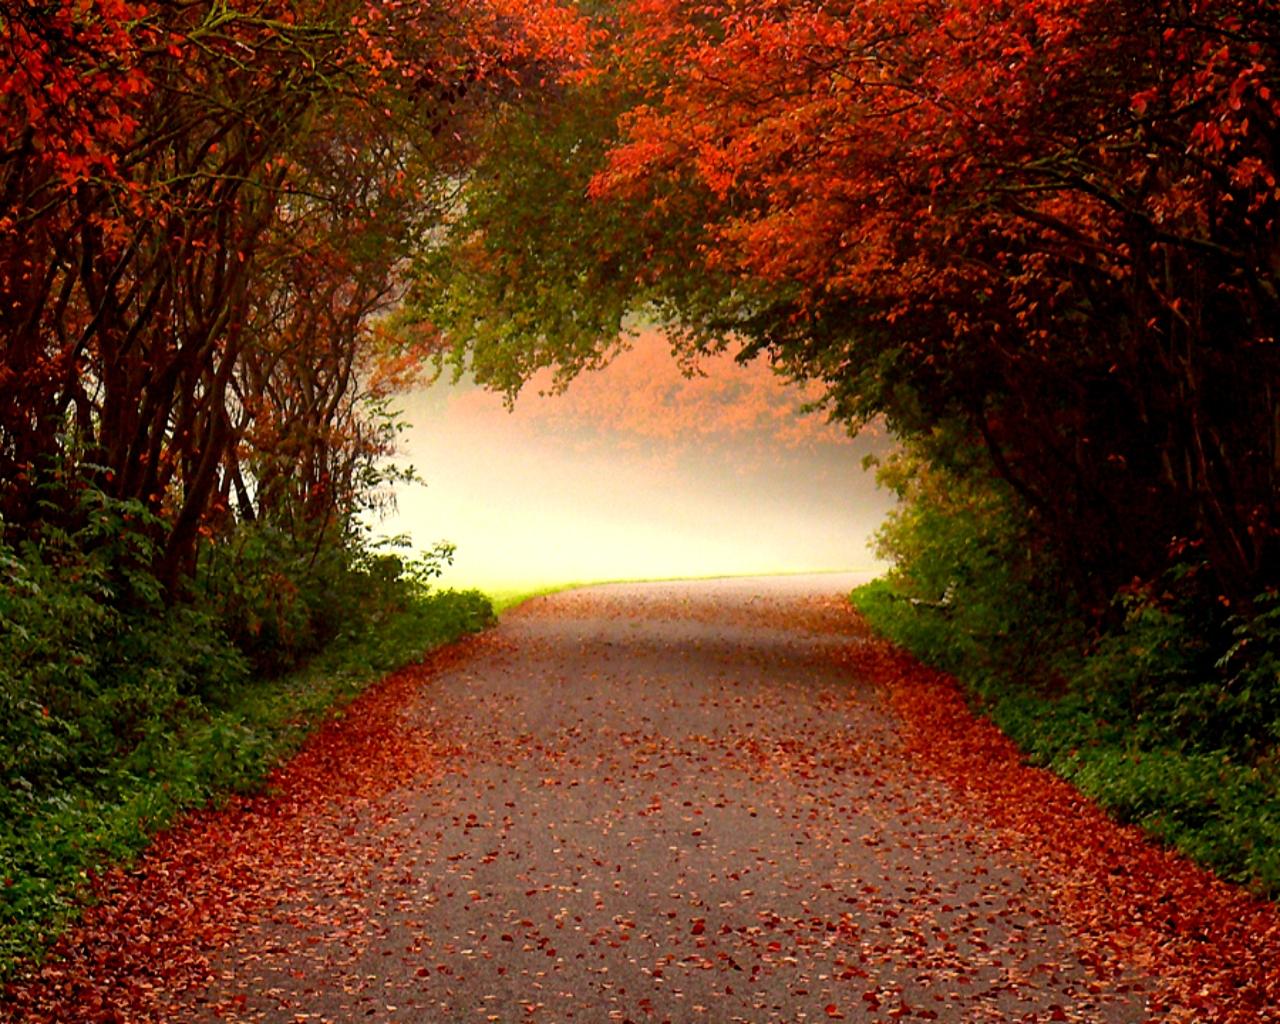 Fall Desktop Backgrounds wallpaper wallpaper hd background desktop 1280x1024